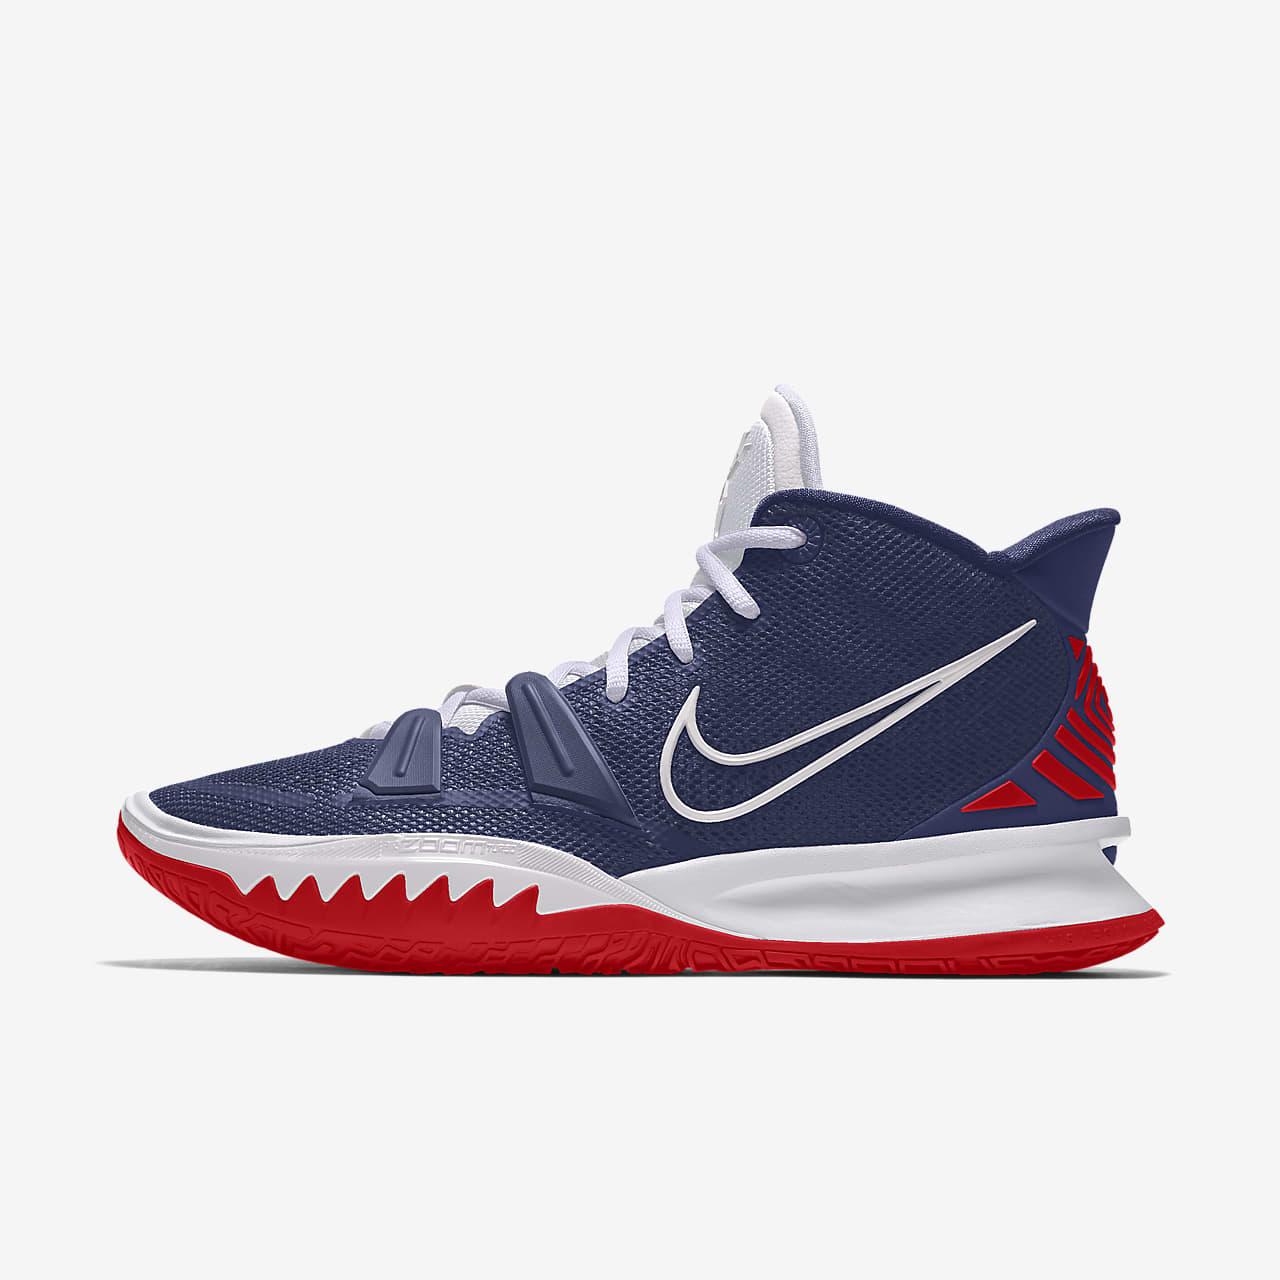 Баскетбольные кроссовки с индивидуальным дизайном Kyrie 7 By You